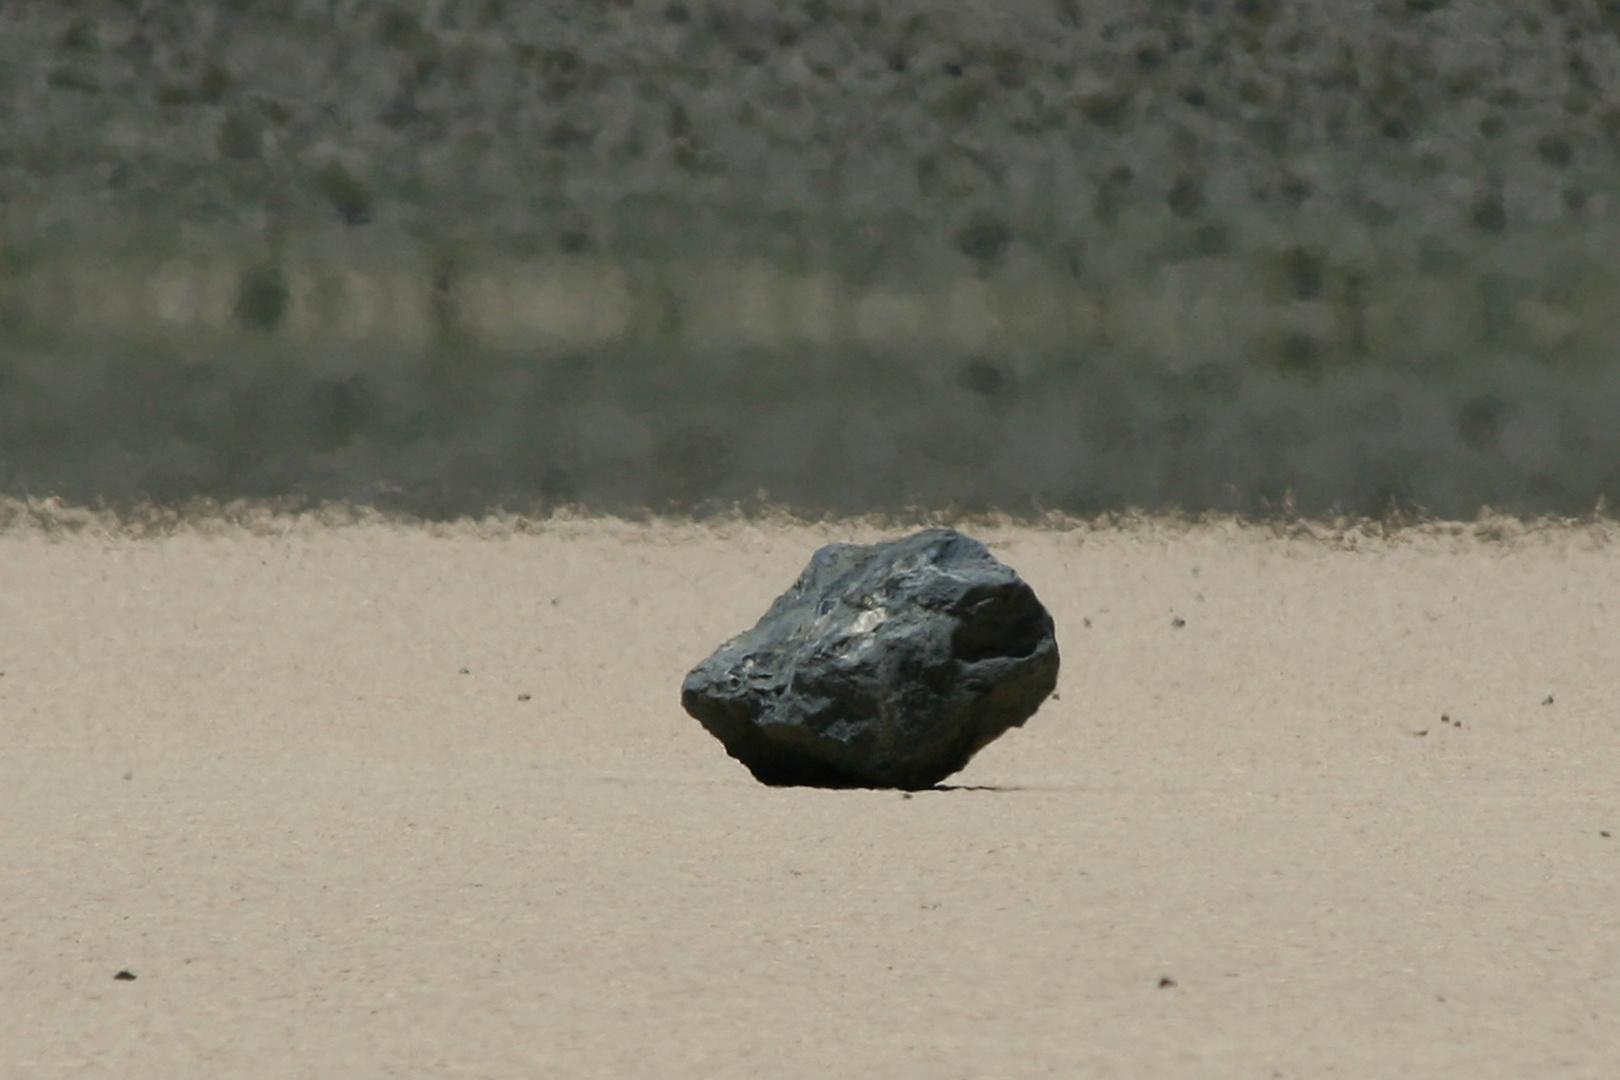 Racetrack Playa Death Valley Fata Morgana